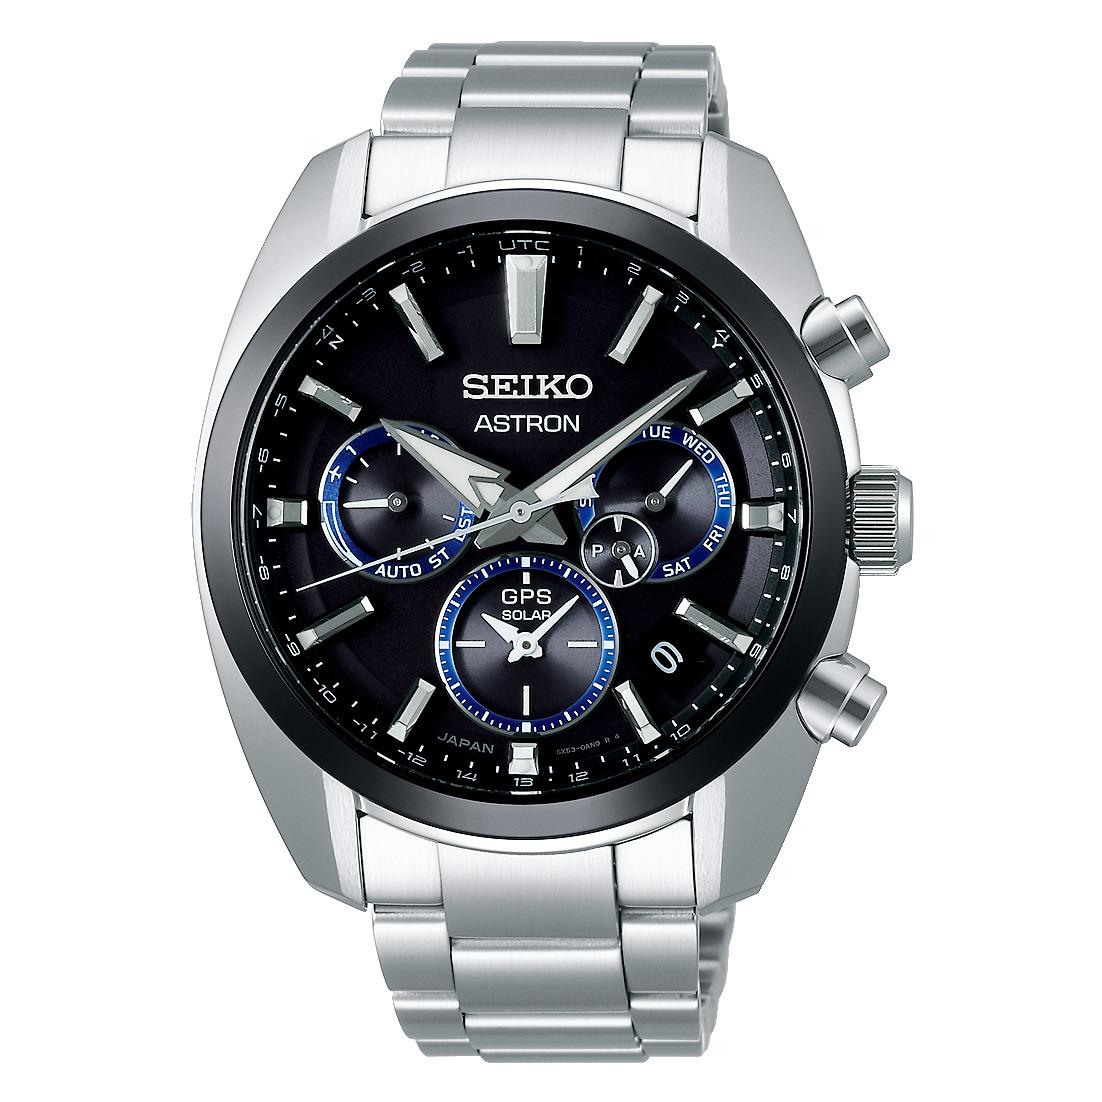 正規品 送料無料 超歓迎された ソーラーGPS 爆売りセール開催中 メンズ 今なら大谷選手ボブルヘッドプレゼント アストロン セイコー 5xシリーズ 腕時計 ASTRON SEIKO SBXC053